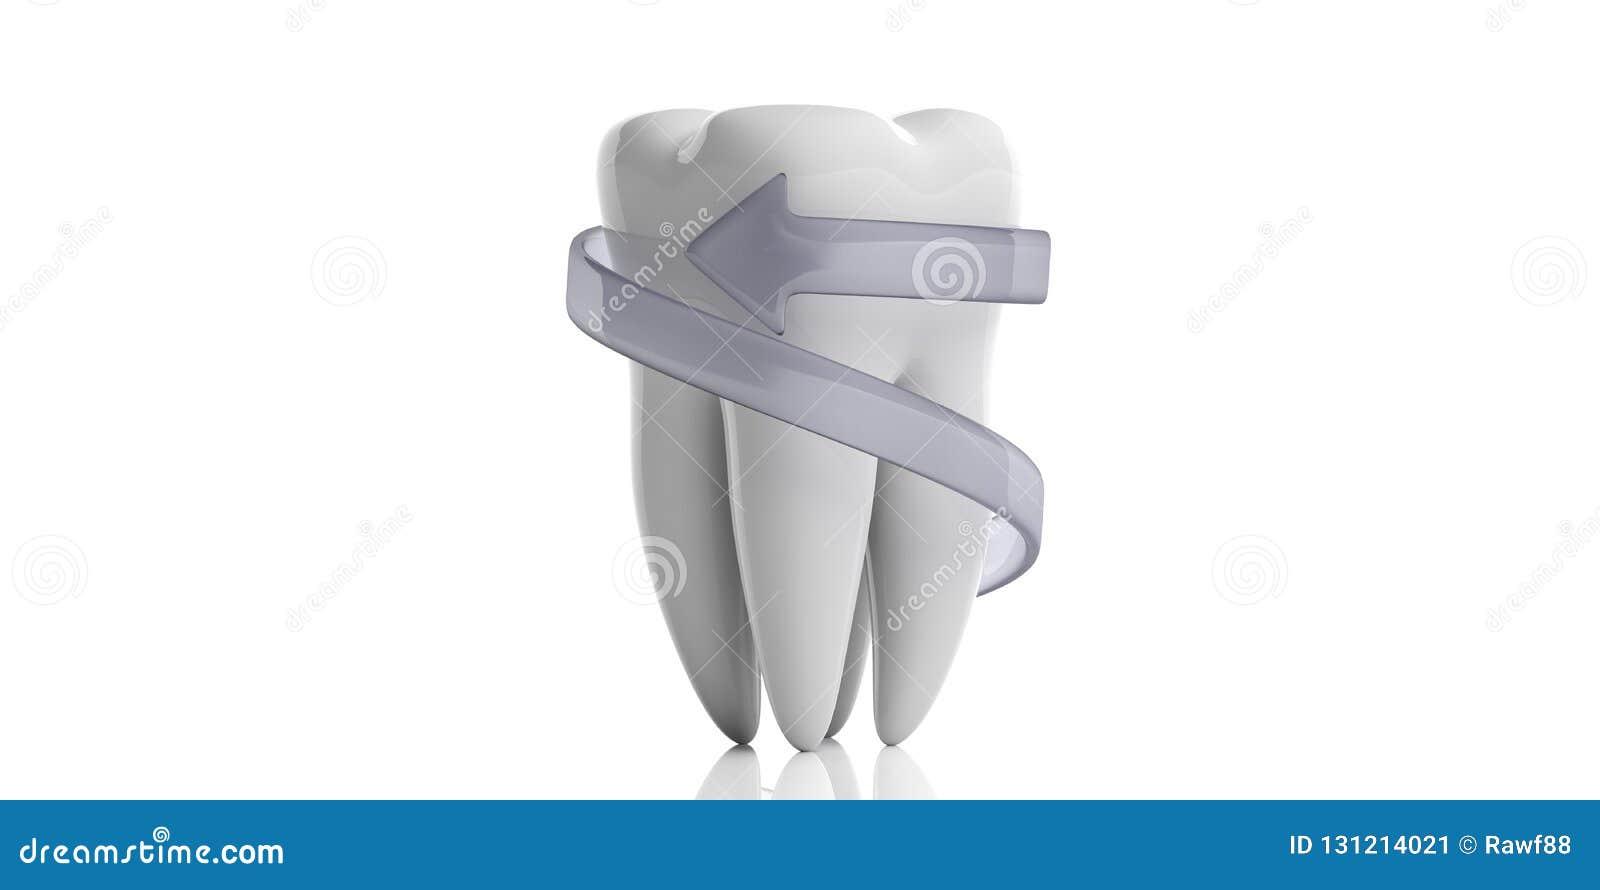 Модель зуба и защитная стрелка изолированные на белой предпосылке иллюстрация 3d